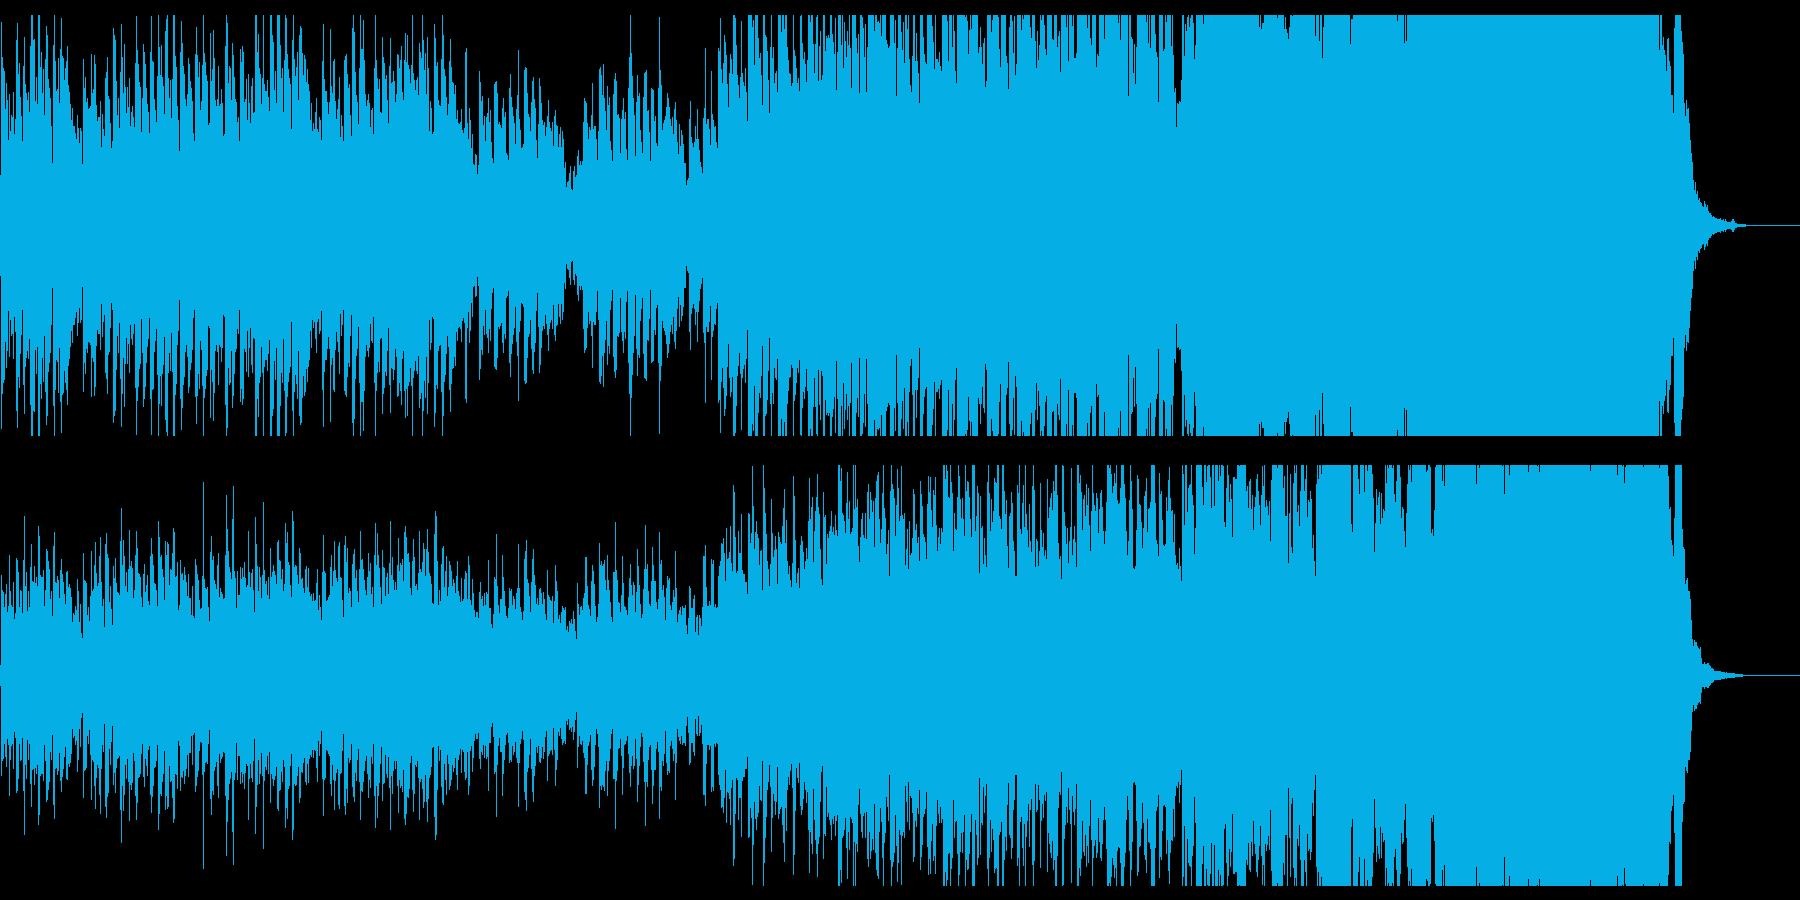 キラキラした前向きで懐かしい曲の再生済みの波形